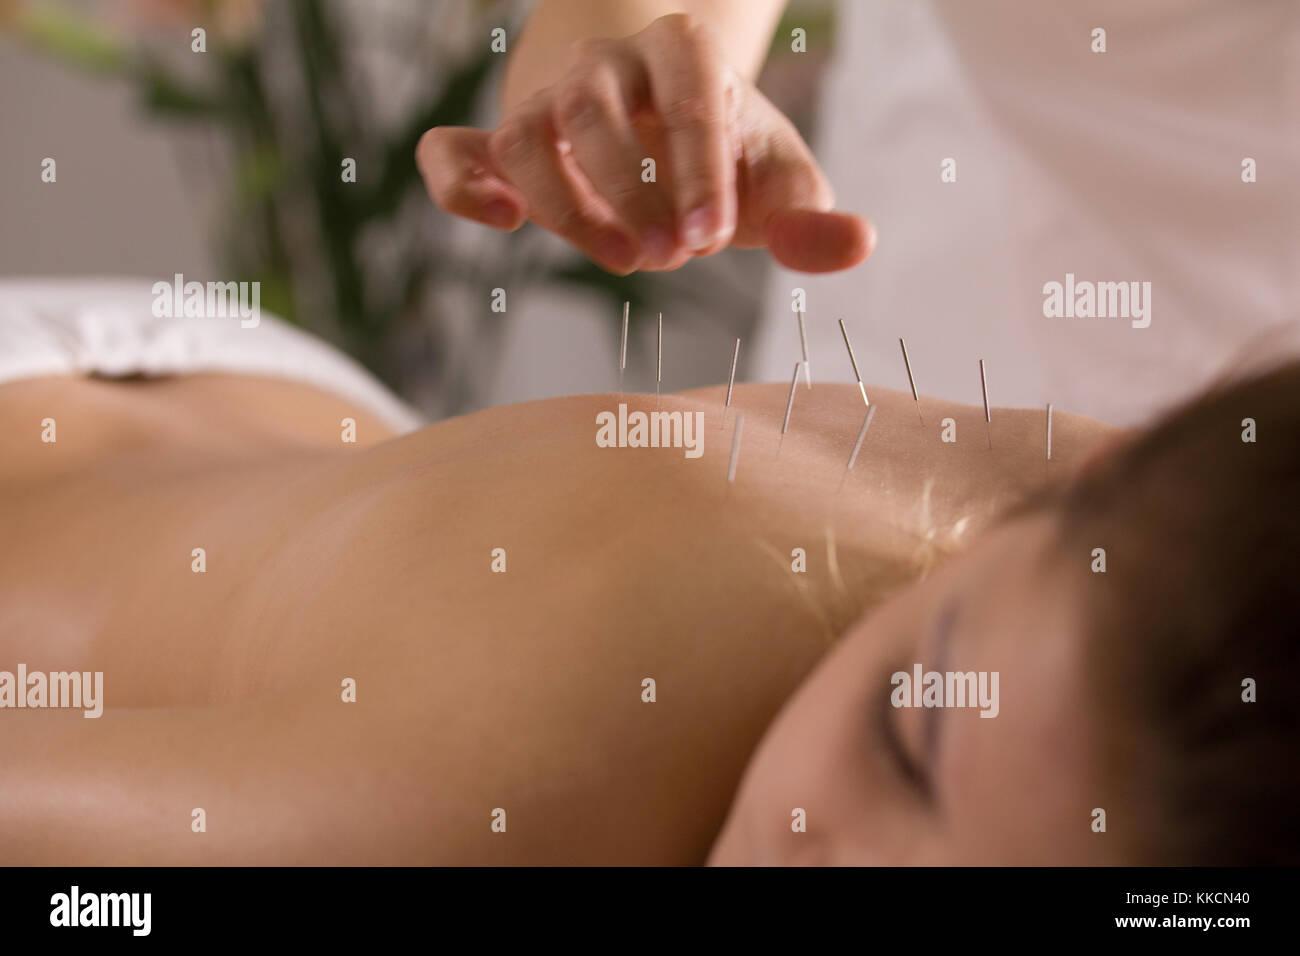 El doctor palos agujas en el cuerpo de la niña sobre la acupuntura Imagen De Stock